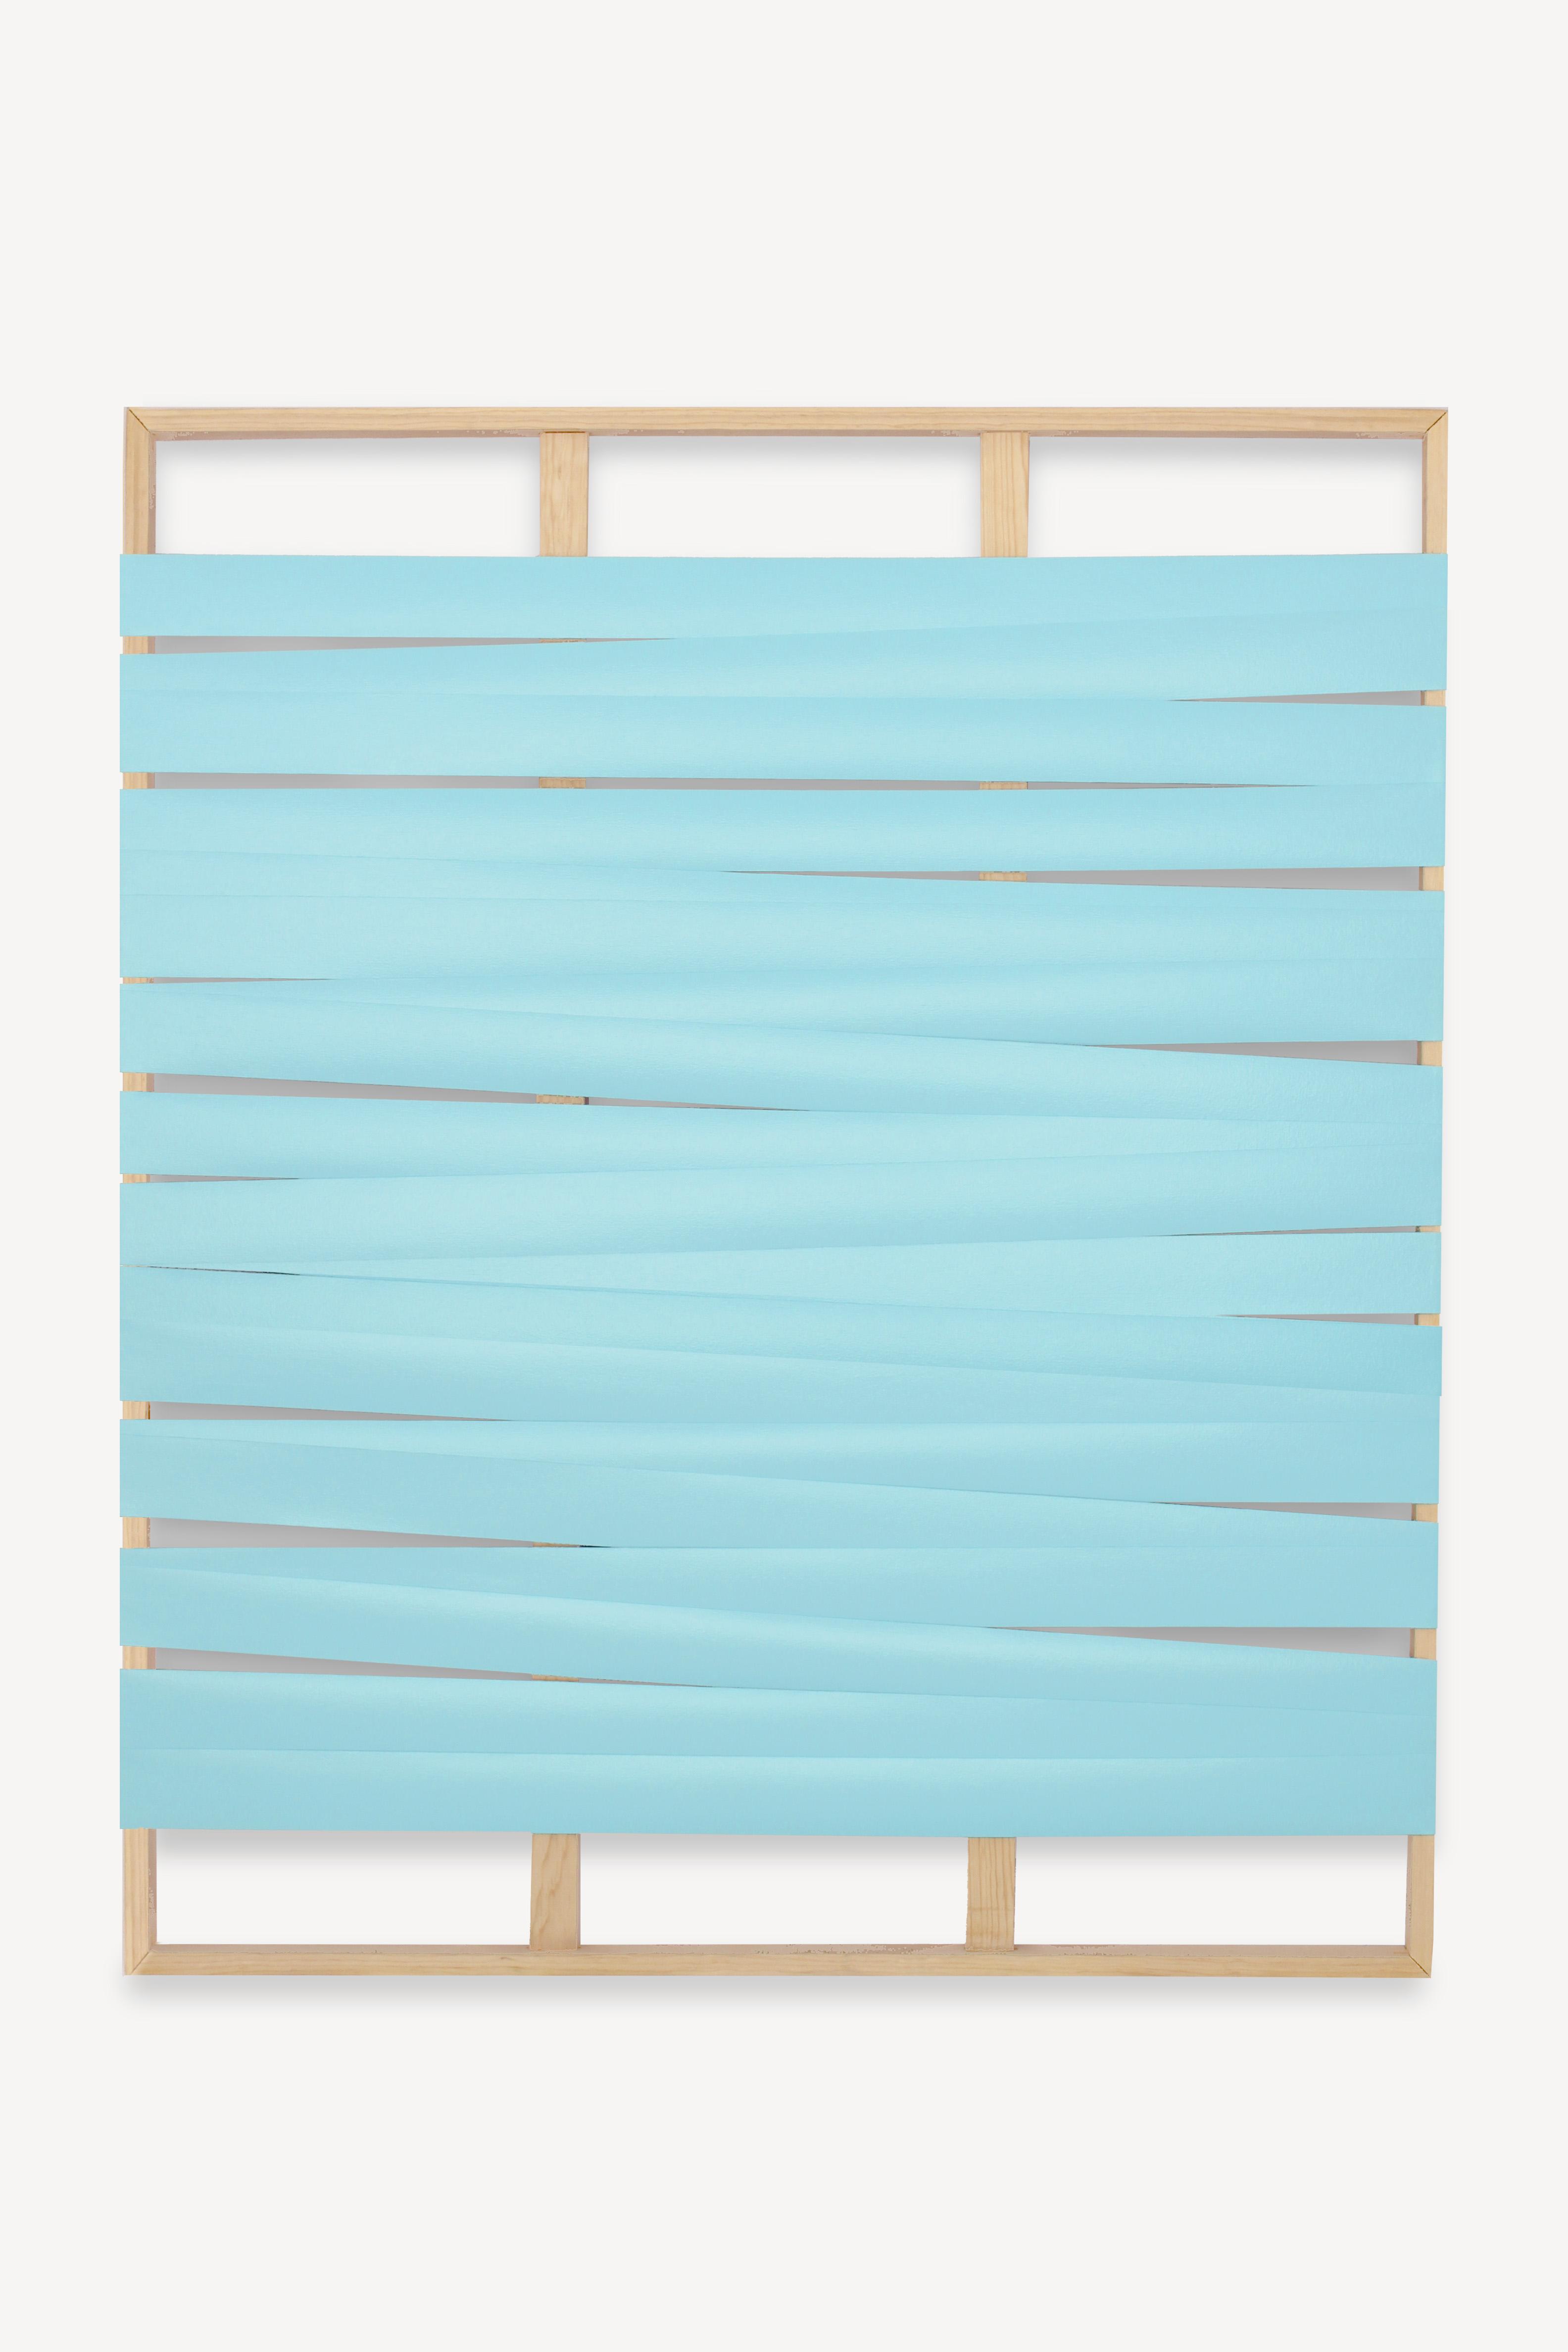 Líneas y espacios. N. 5A (2017) - Pablo Carpio